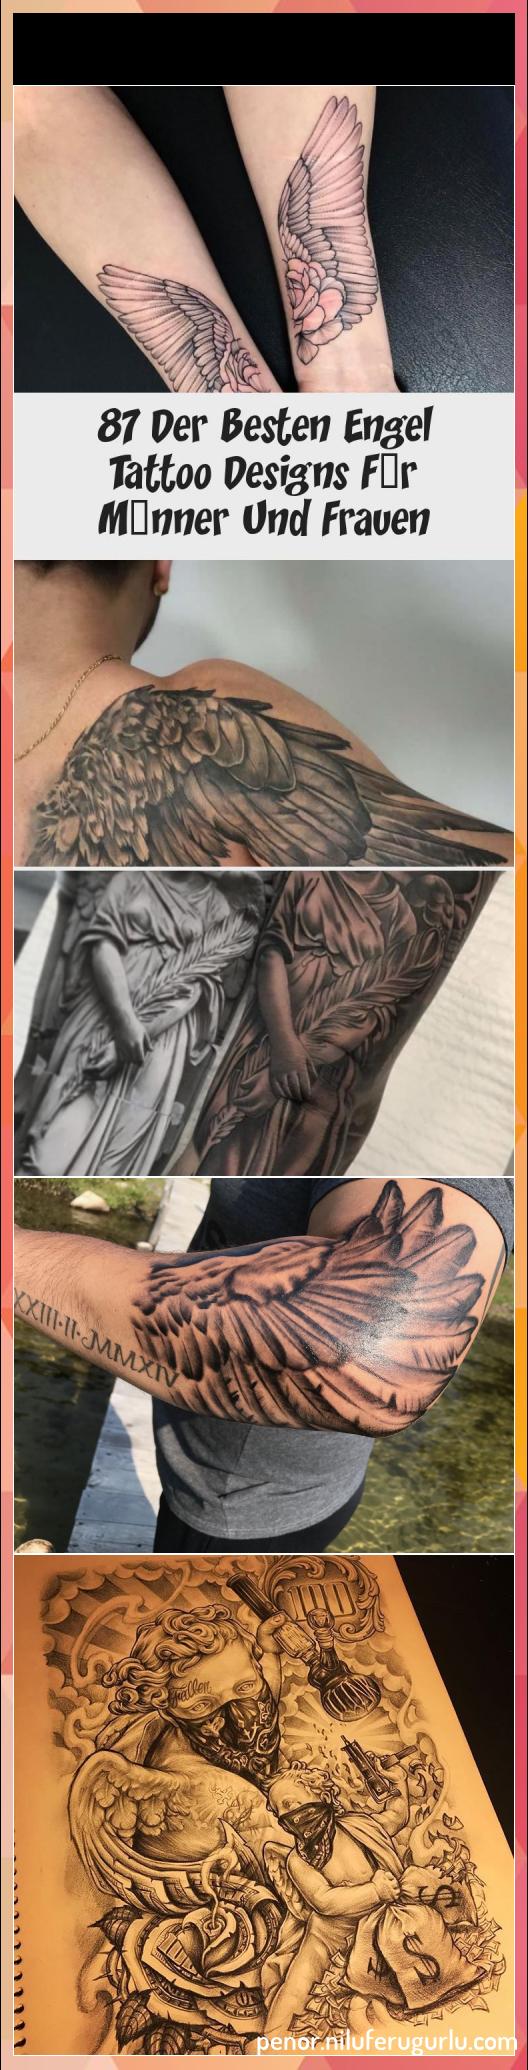 Angel wings men's arm forearm elbow tatt... #Angel #wings #men's #arm #forearm #elbow #tatt...